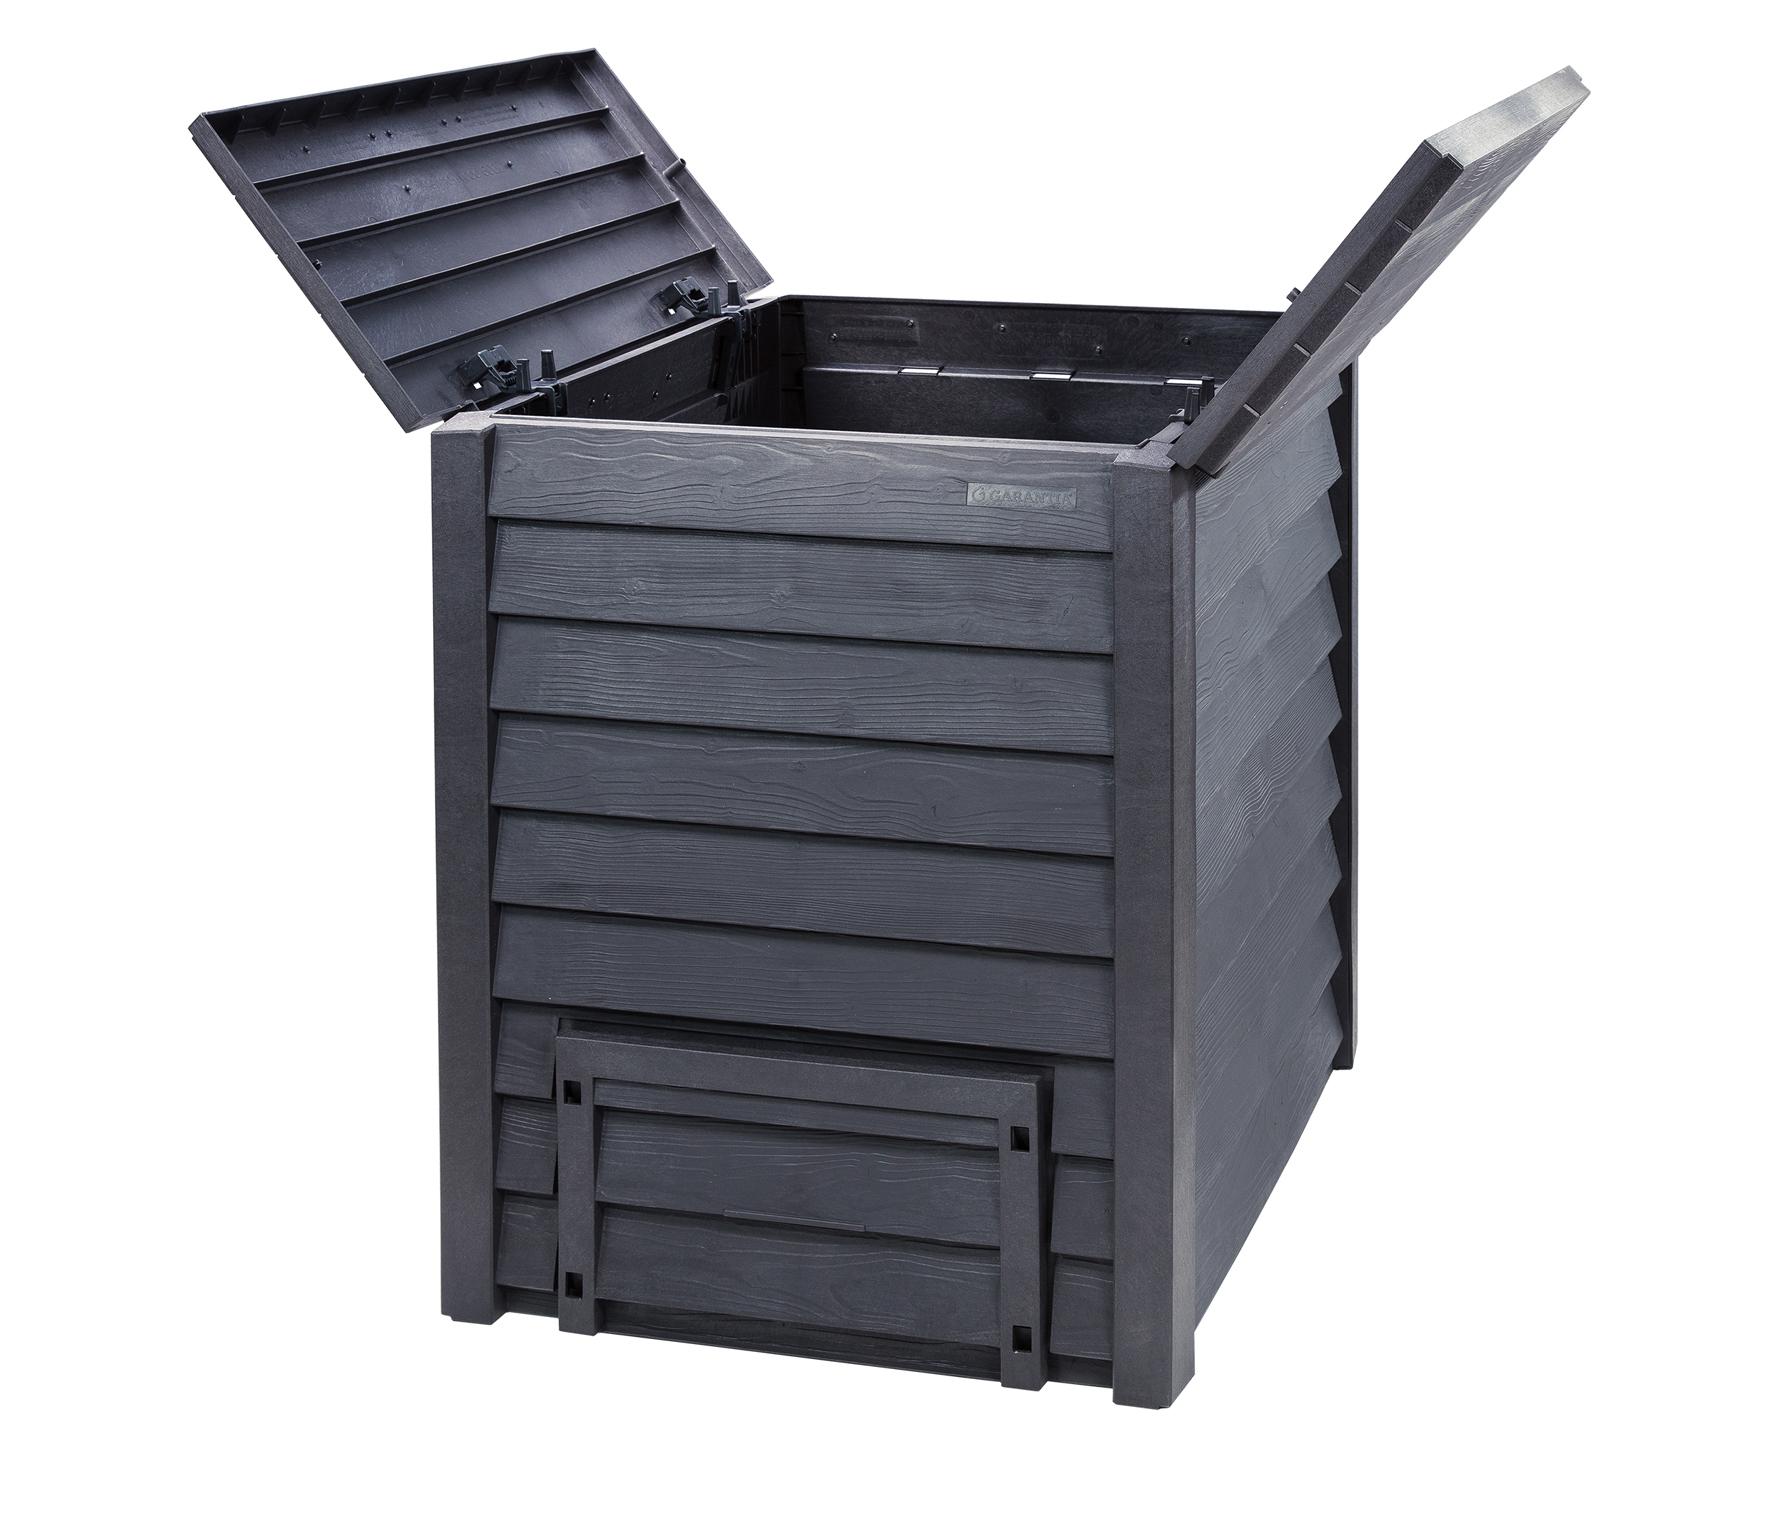 Komposter / Thermokomposter Thermo-Wood 600L braun GARANTIA 626050 Bild 5